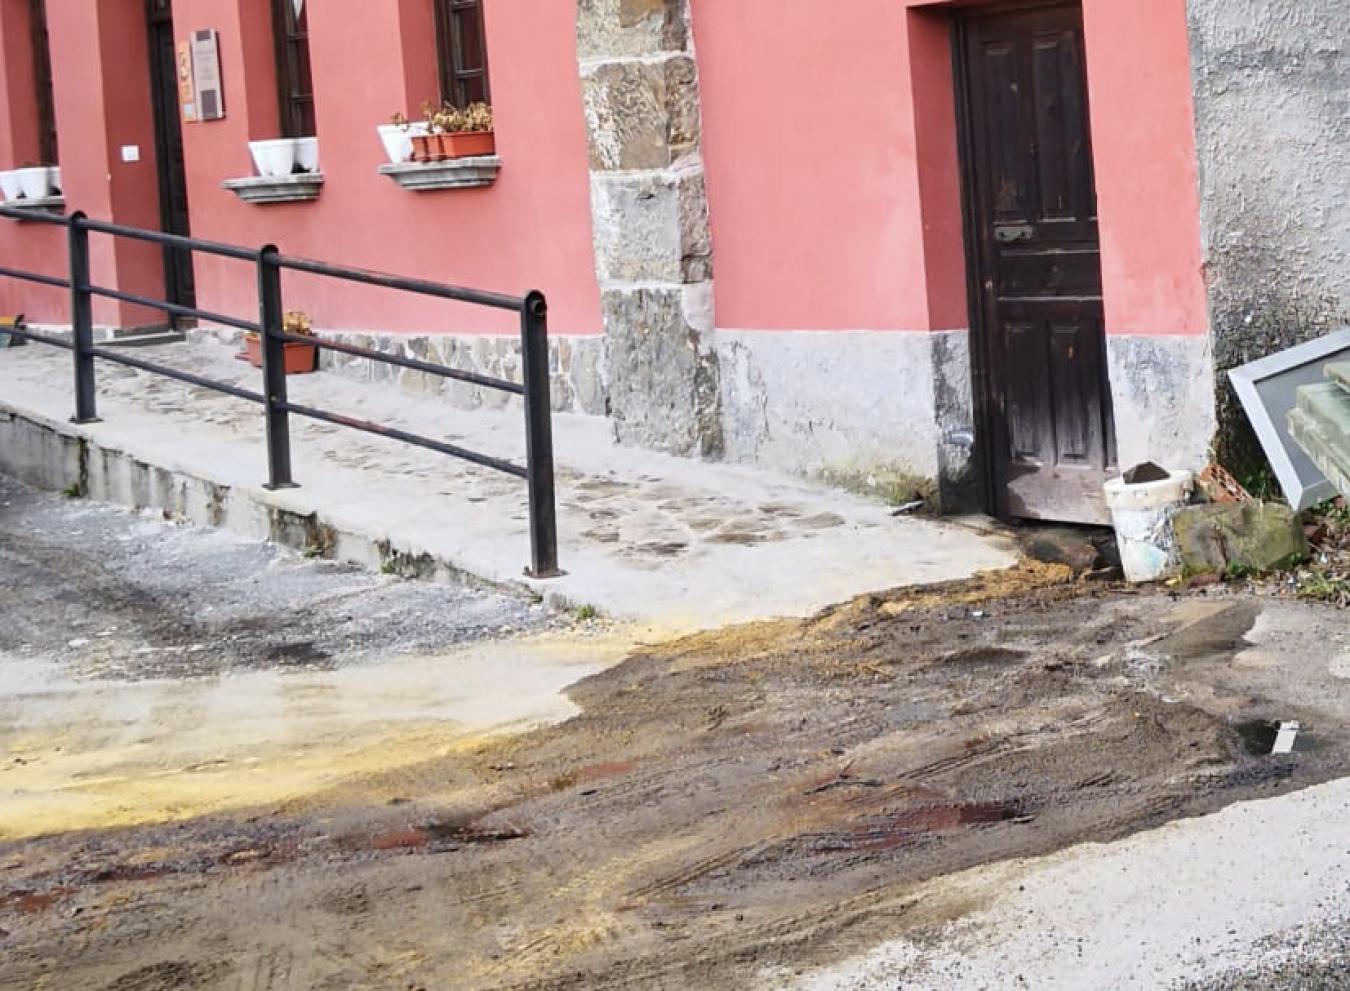 Denuncian un vertido de decenas de litros de gasoil en Ponga que afecta a cuadras, viviendas y a un arroyo